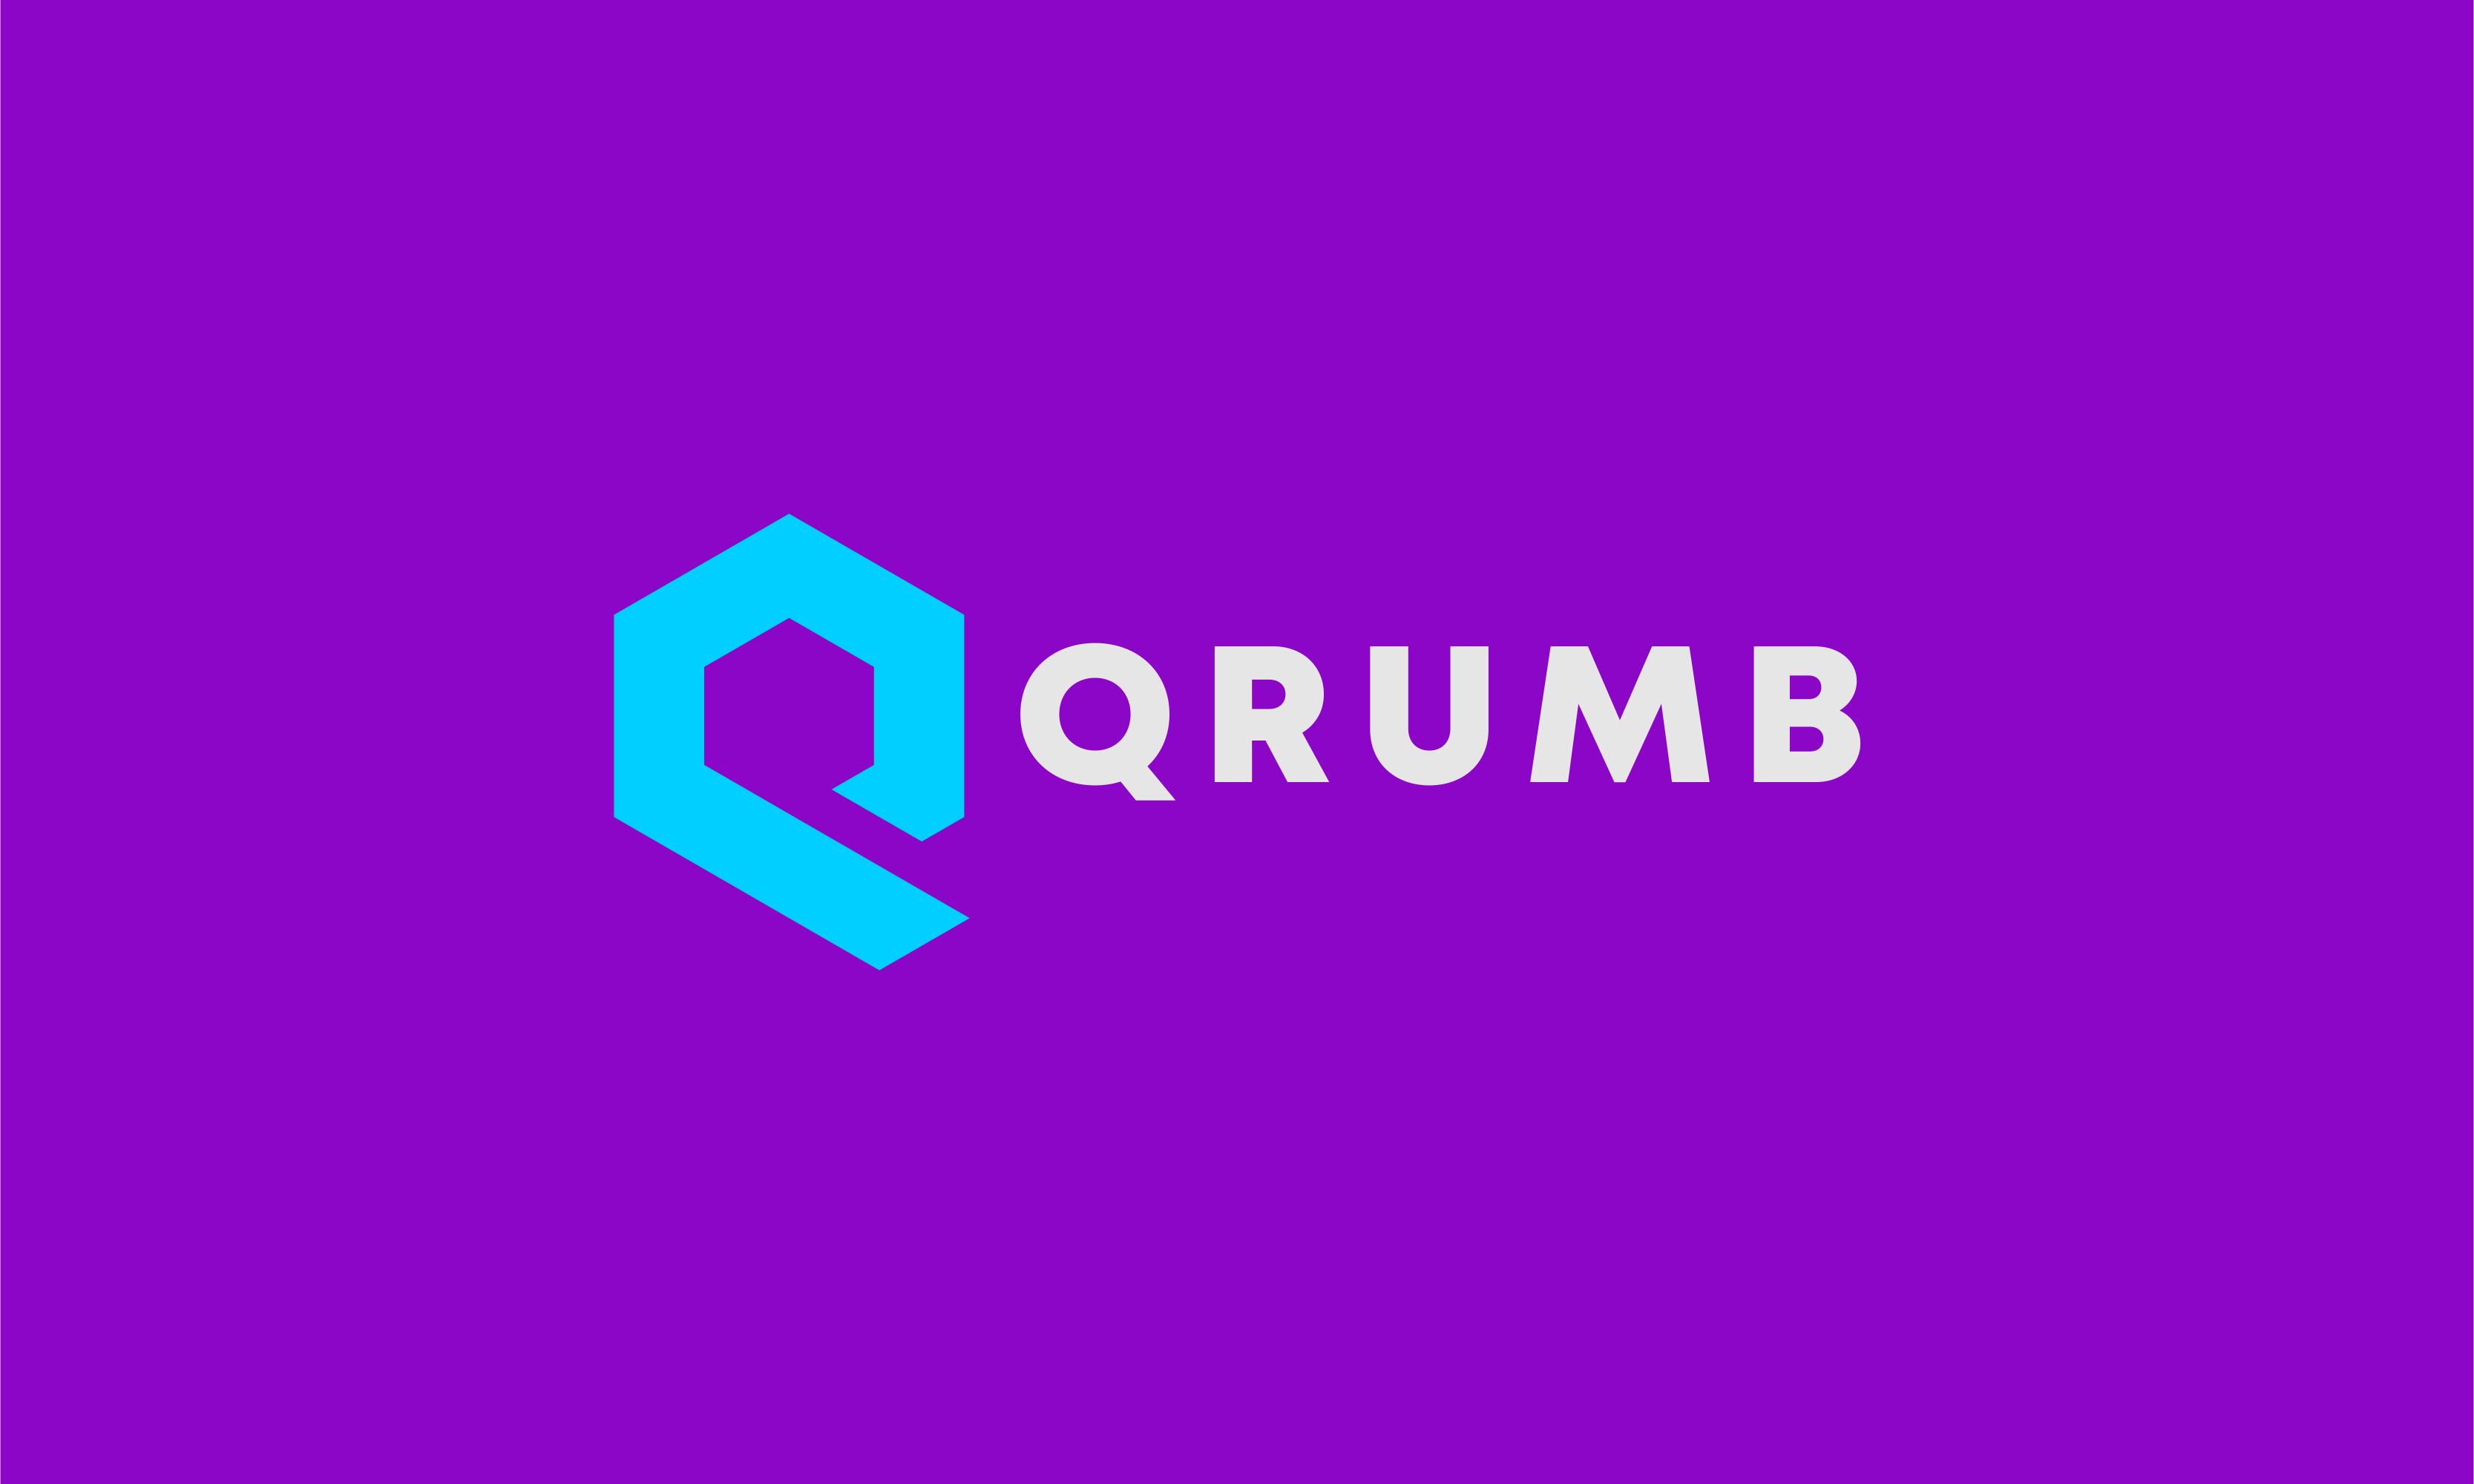 Qrumb